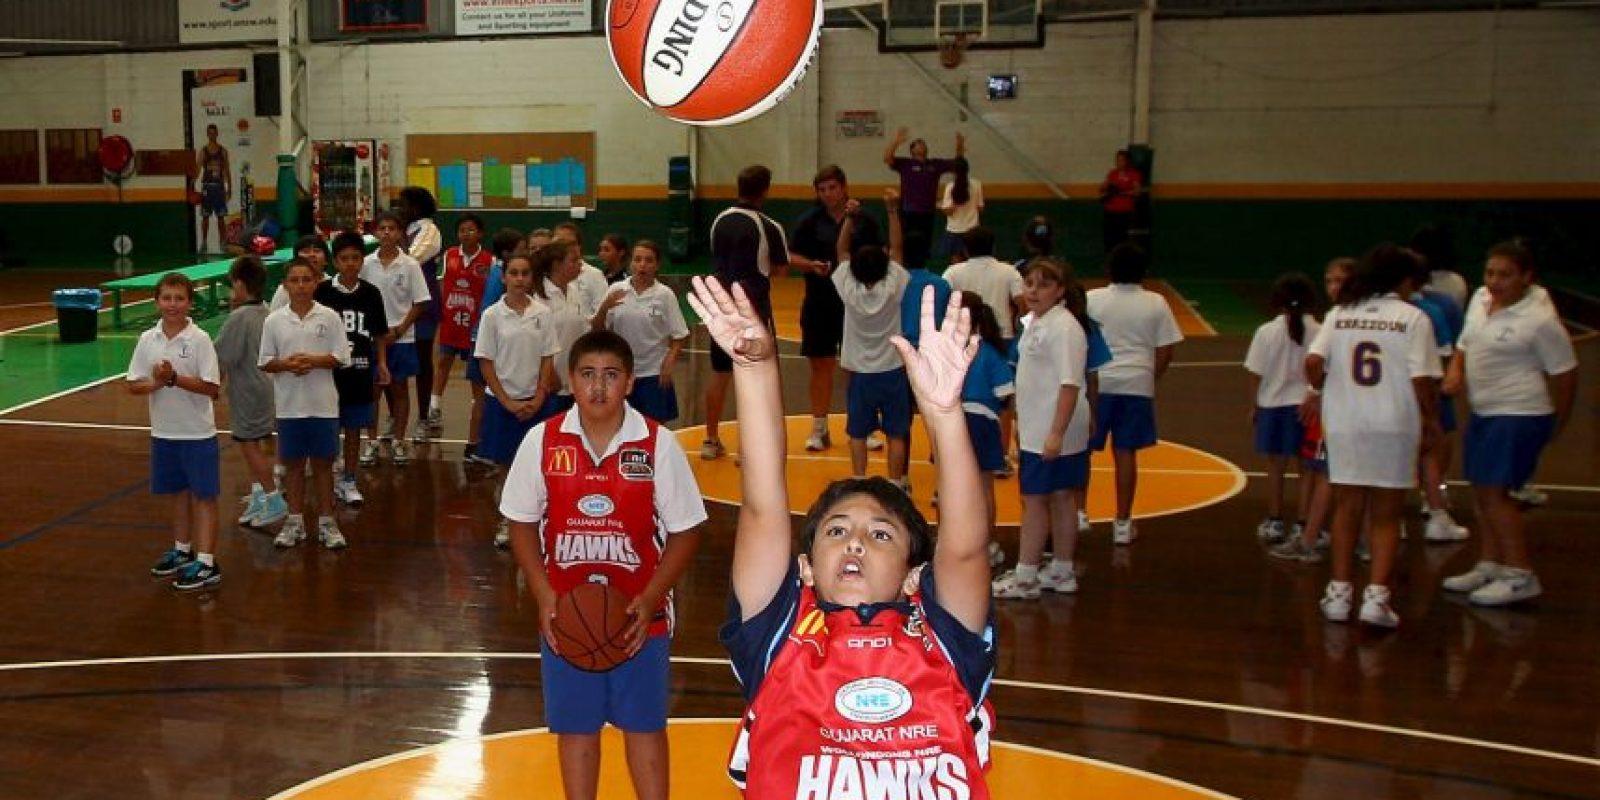 Un entrenador de baloncesto fue asesinado por dejar a una niña fuera de su equipo de basquetbol. Foto:Getty Images